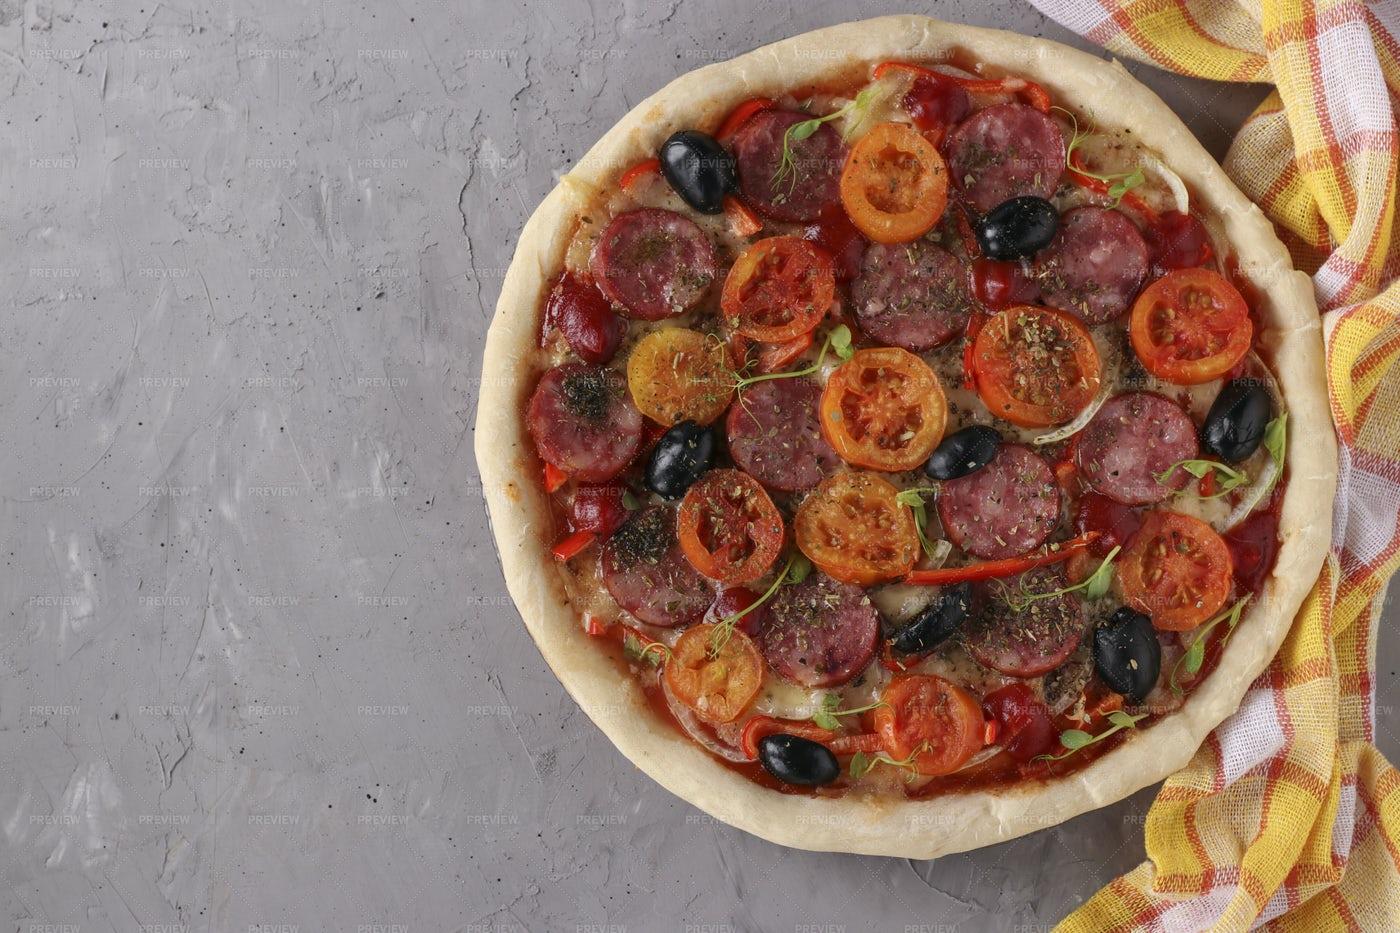 Pizza With Sausage, Tomatoes, Mozzarella: Stock Photos